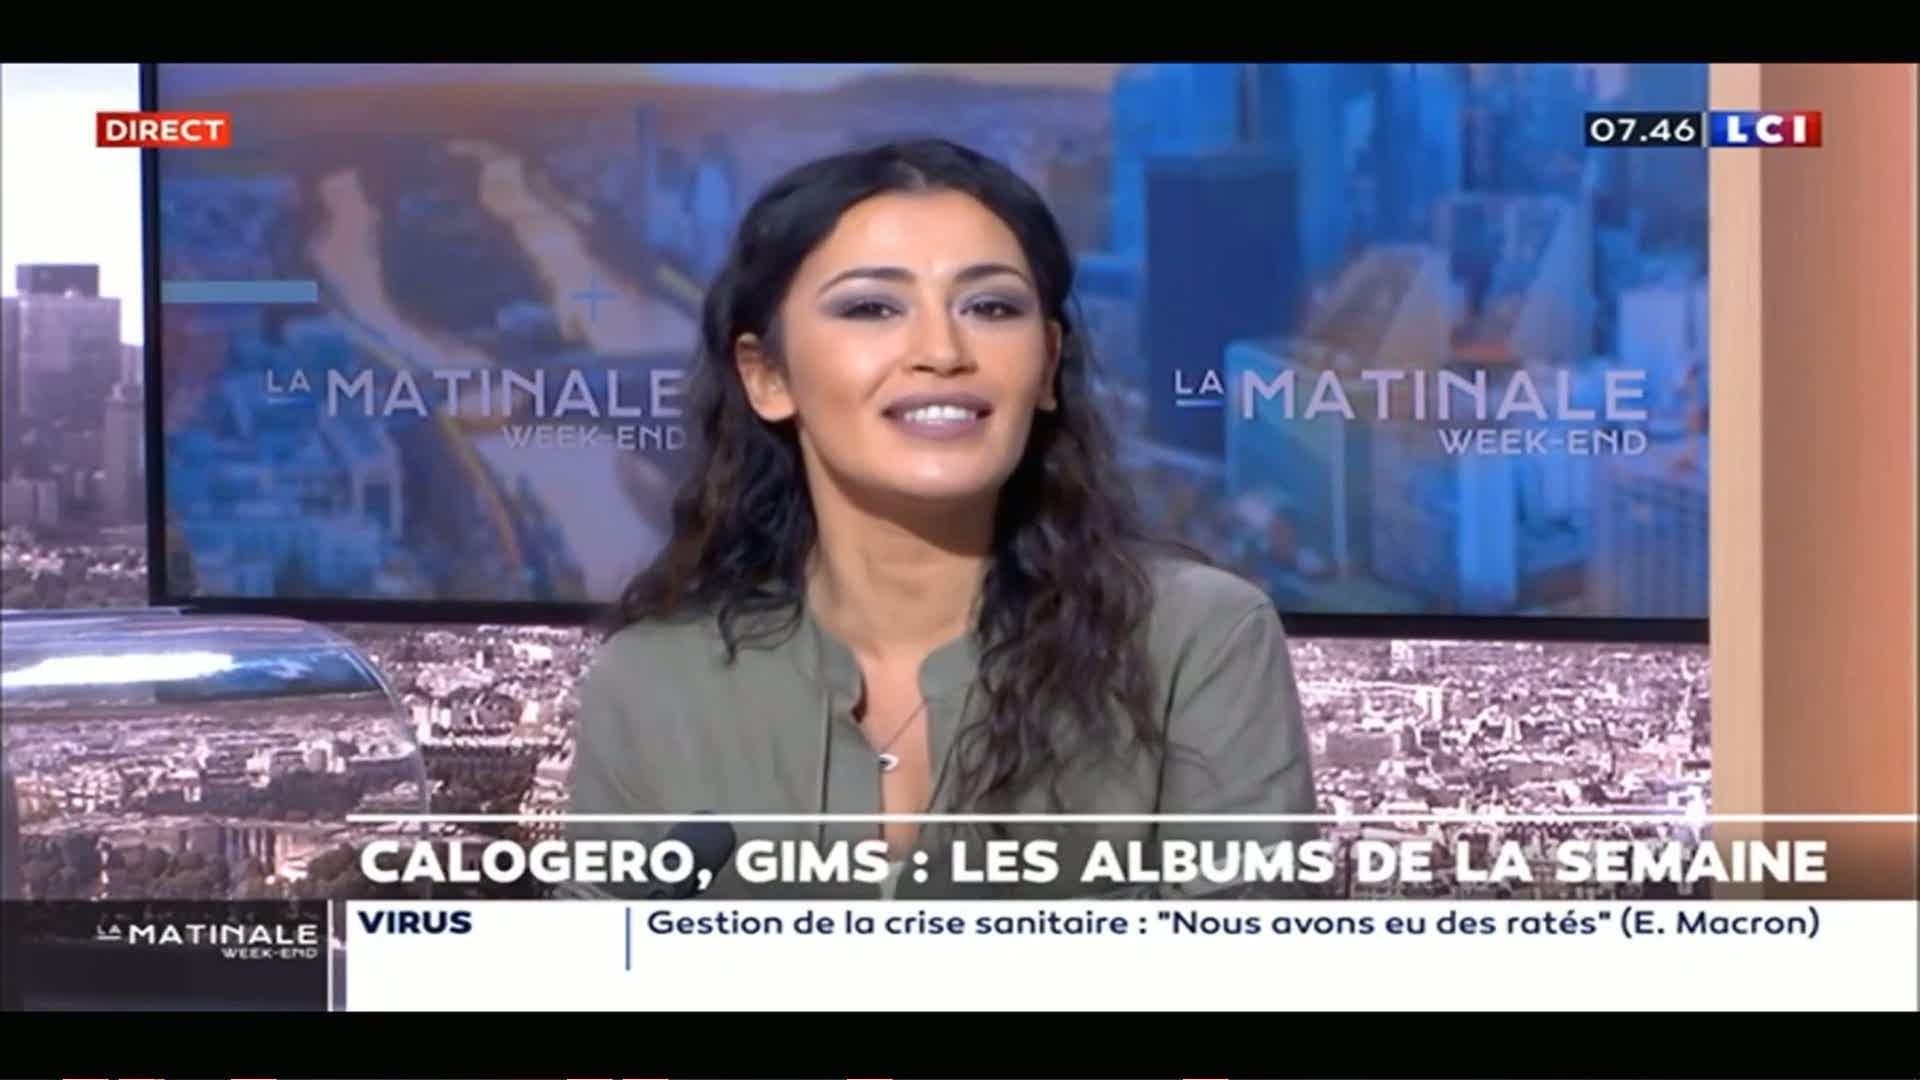 Media Calogero La Matinale